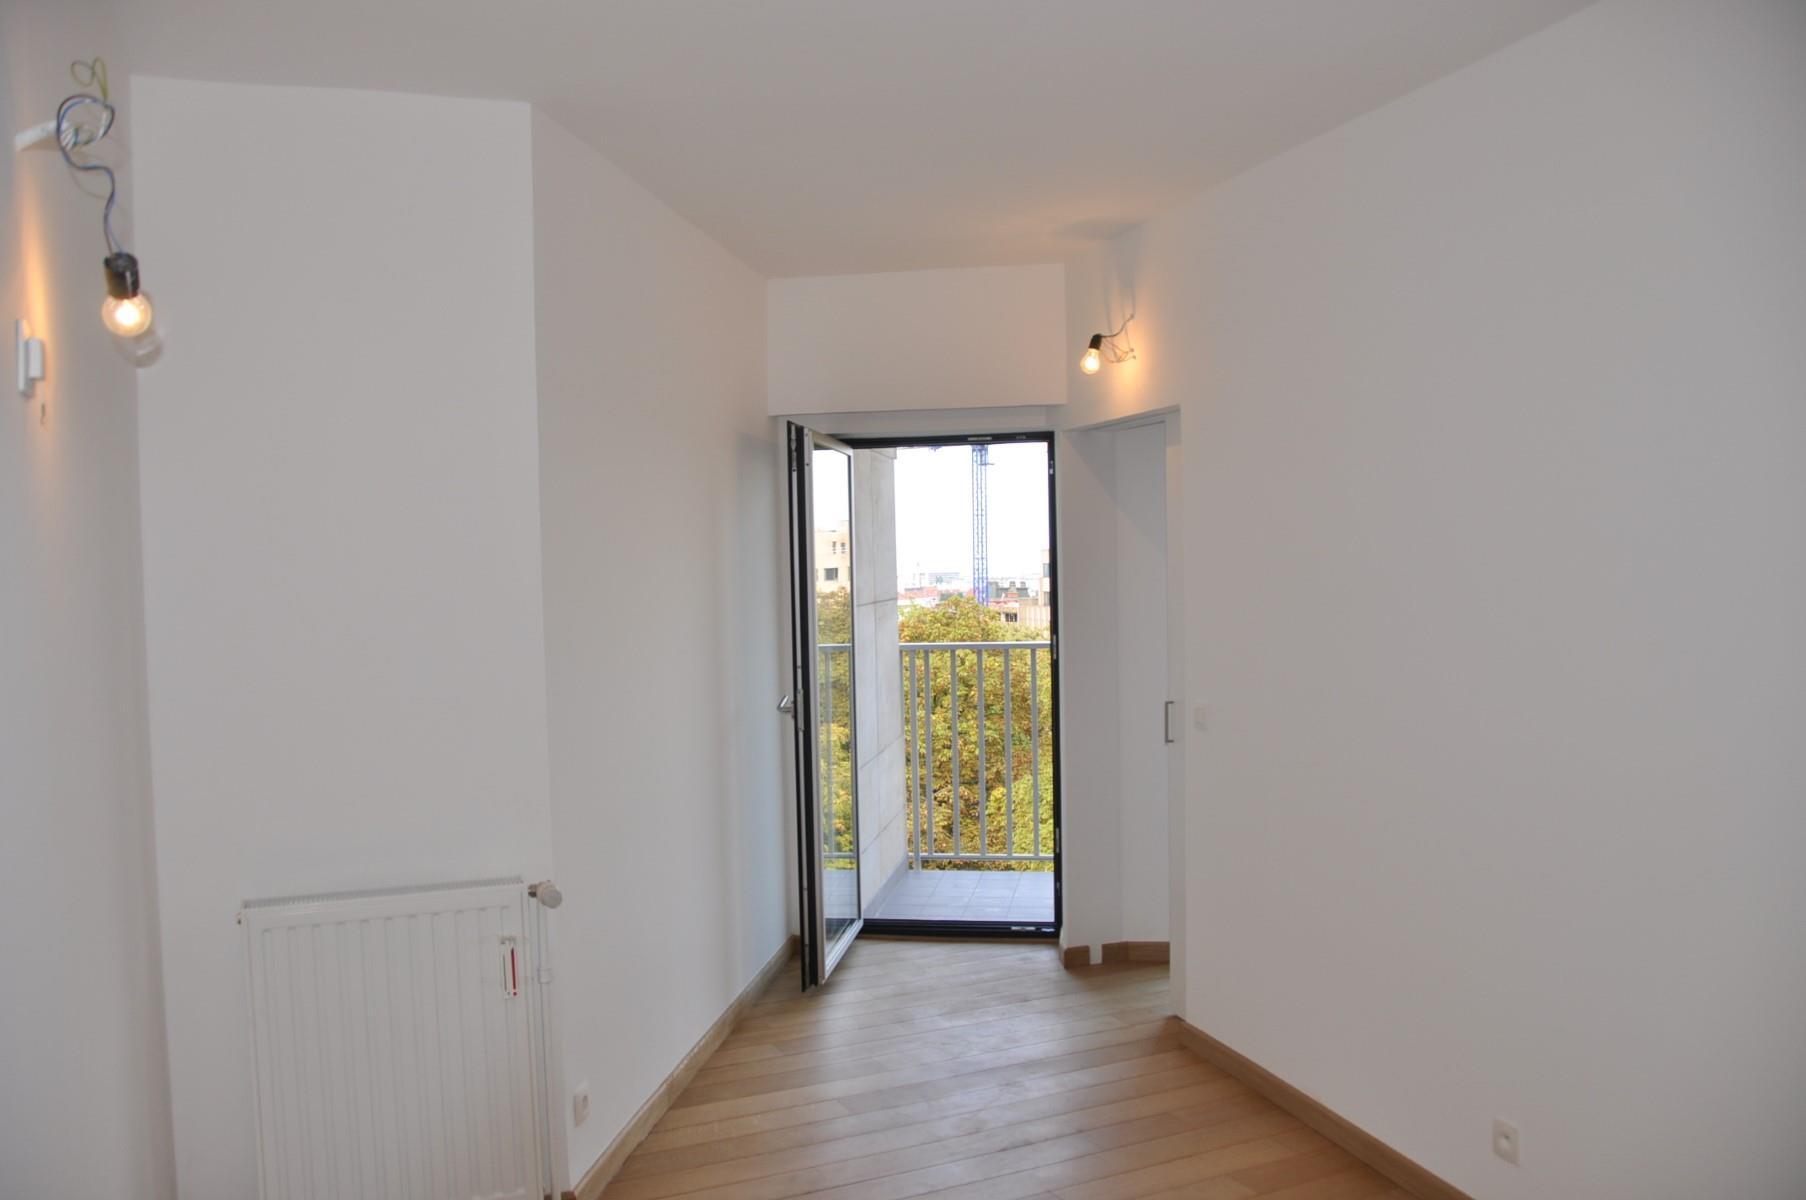 Appartement - Woluwe-Saint-Pierre - #4426238-6